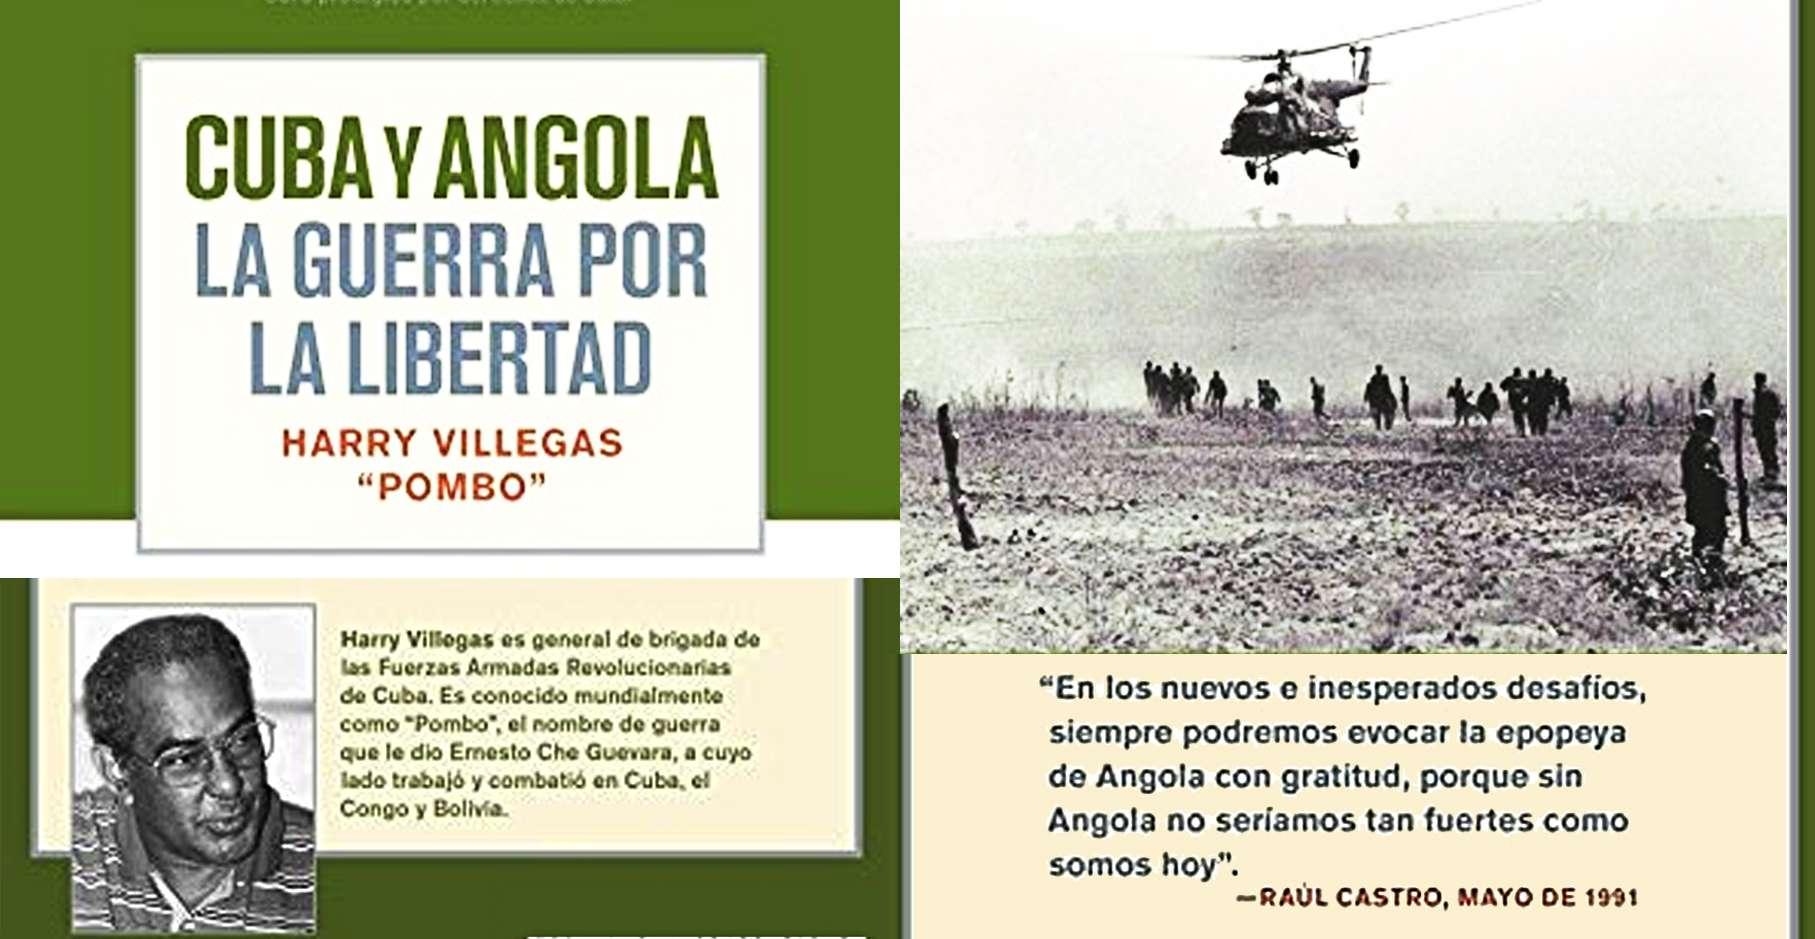 Cuba y angola la guerra por la libertad